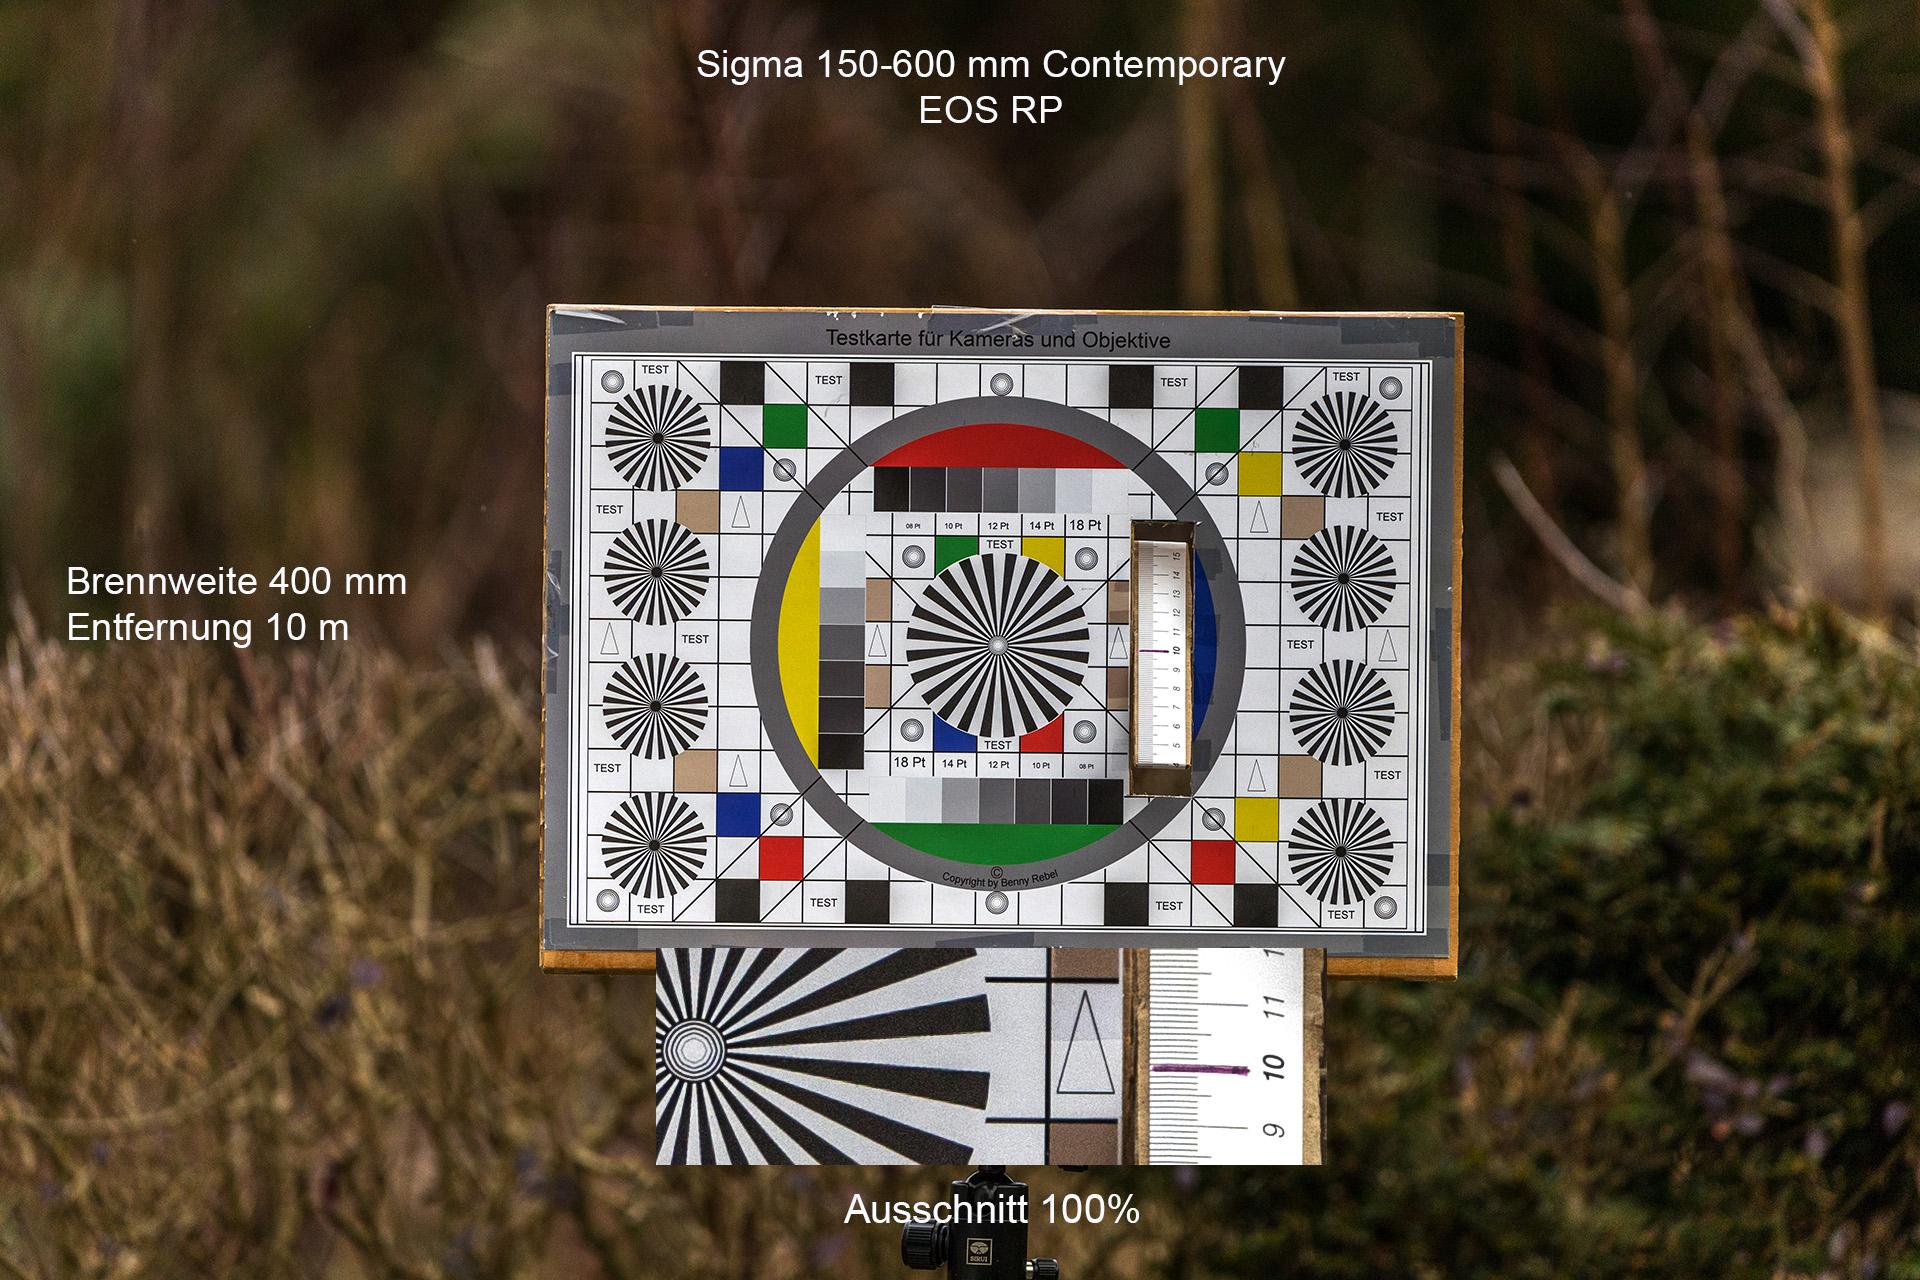 Testaufnahmen mit Sigma 150-600 mm, Canon EOS RP, 400 mm, 10 Meter